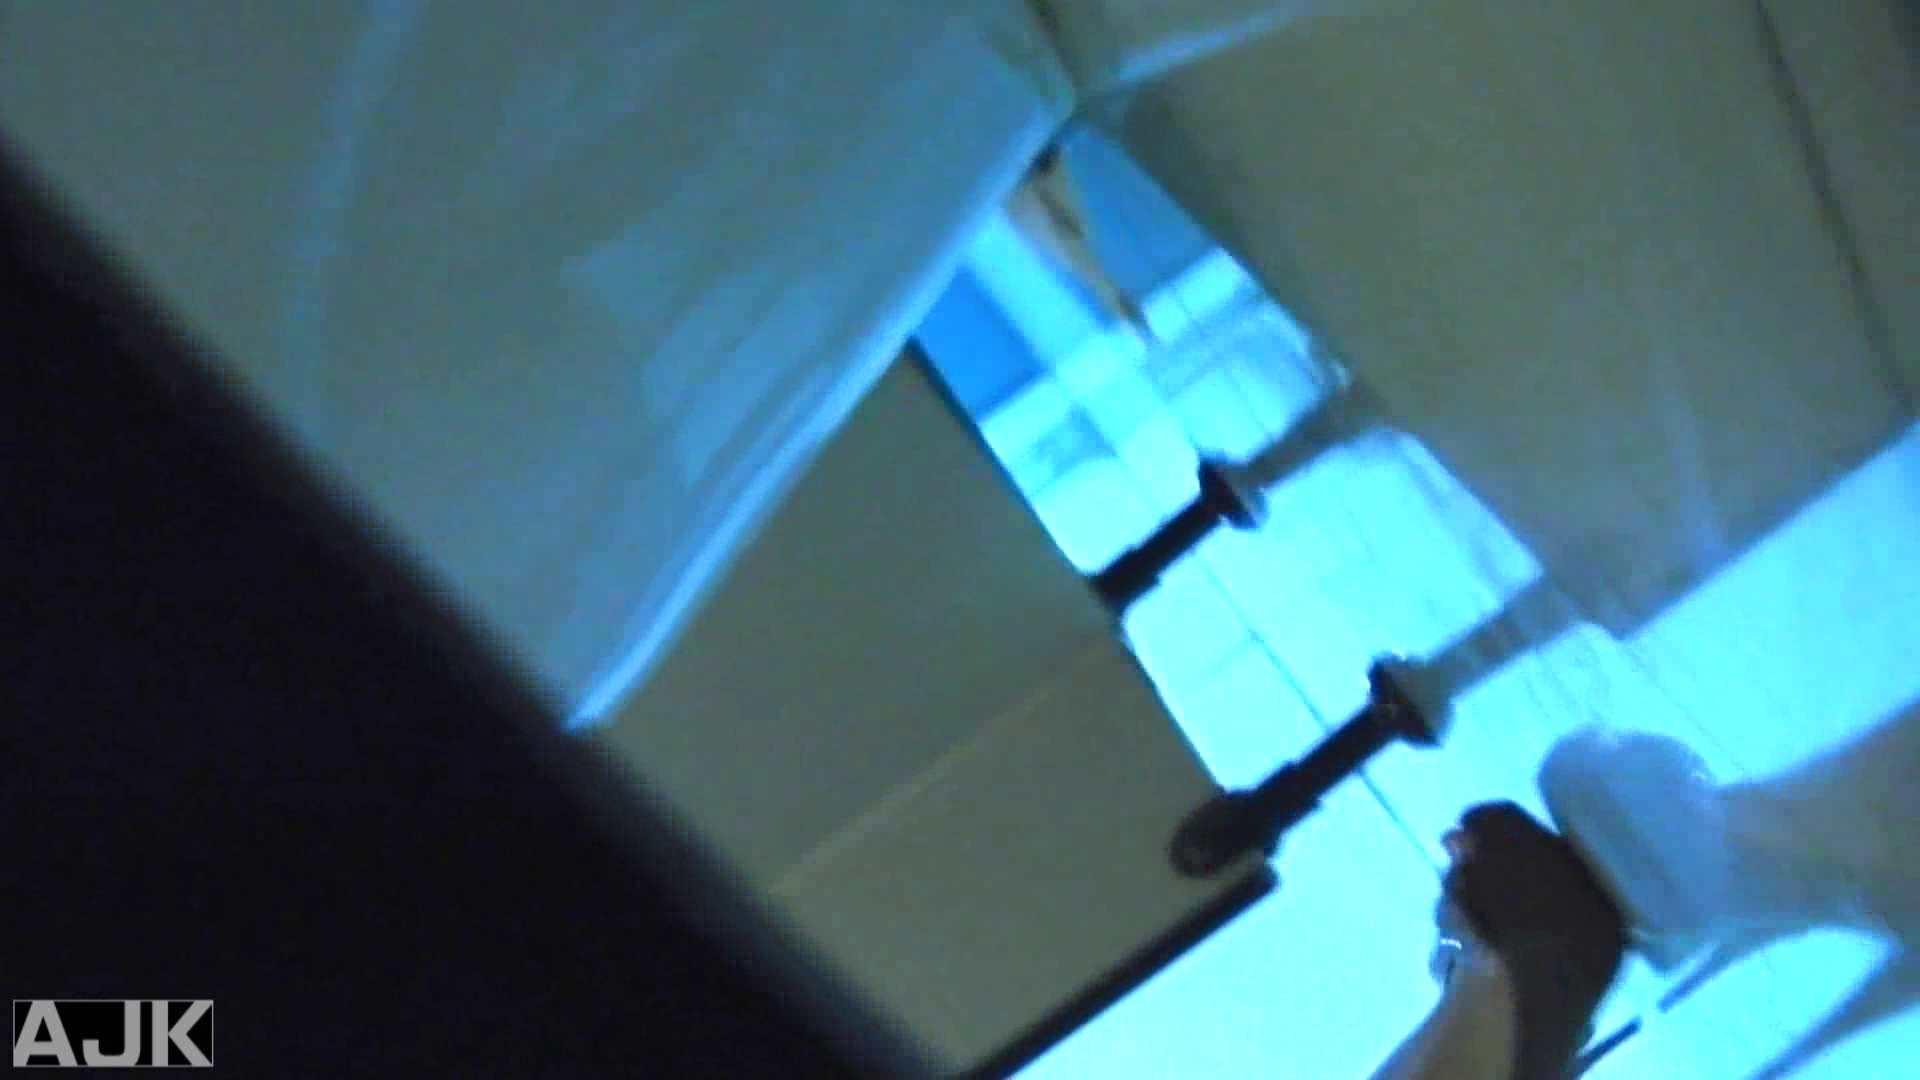 神降臨!史上最強の潜入かわや! vol.23 モロだしオマンコ | 美女丸裸  96pic 50